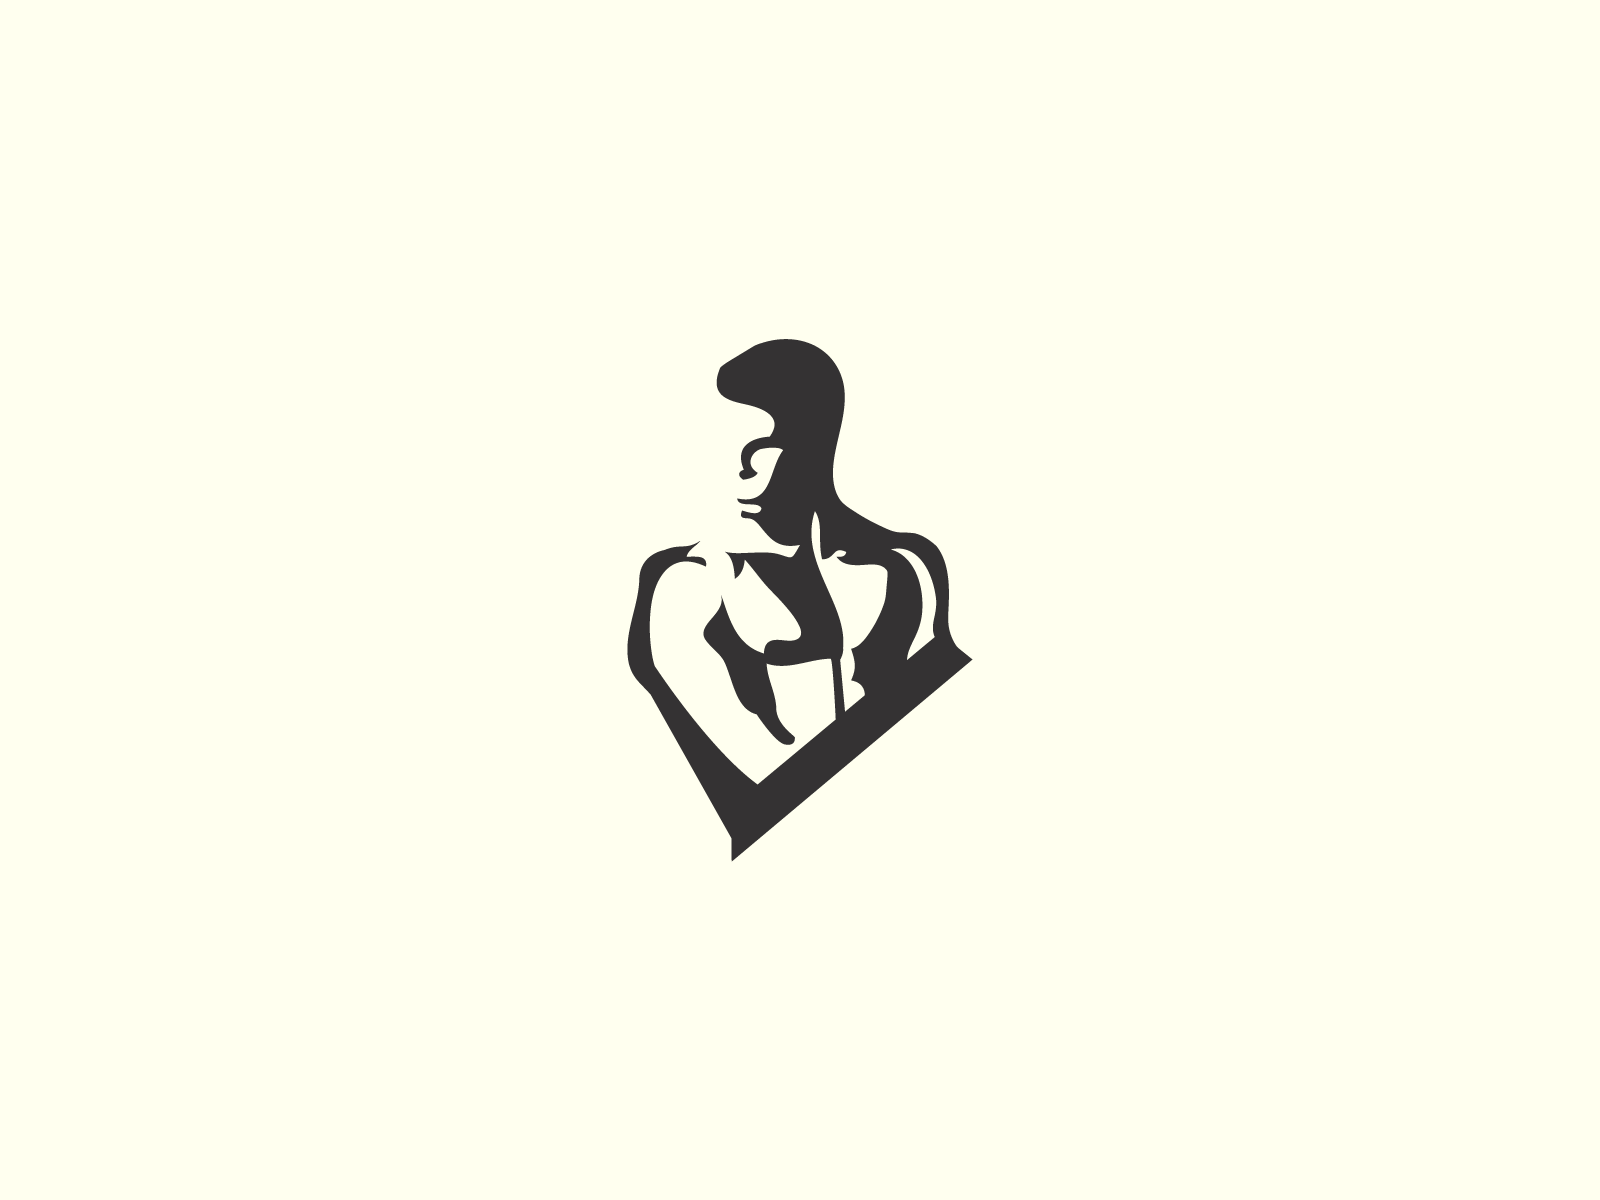 Define Gym Wear 2017 Final Logo by Stephen McCarter on Dribbble.